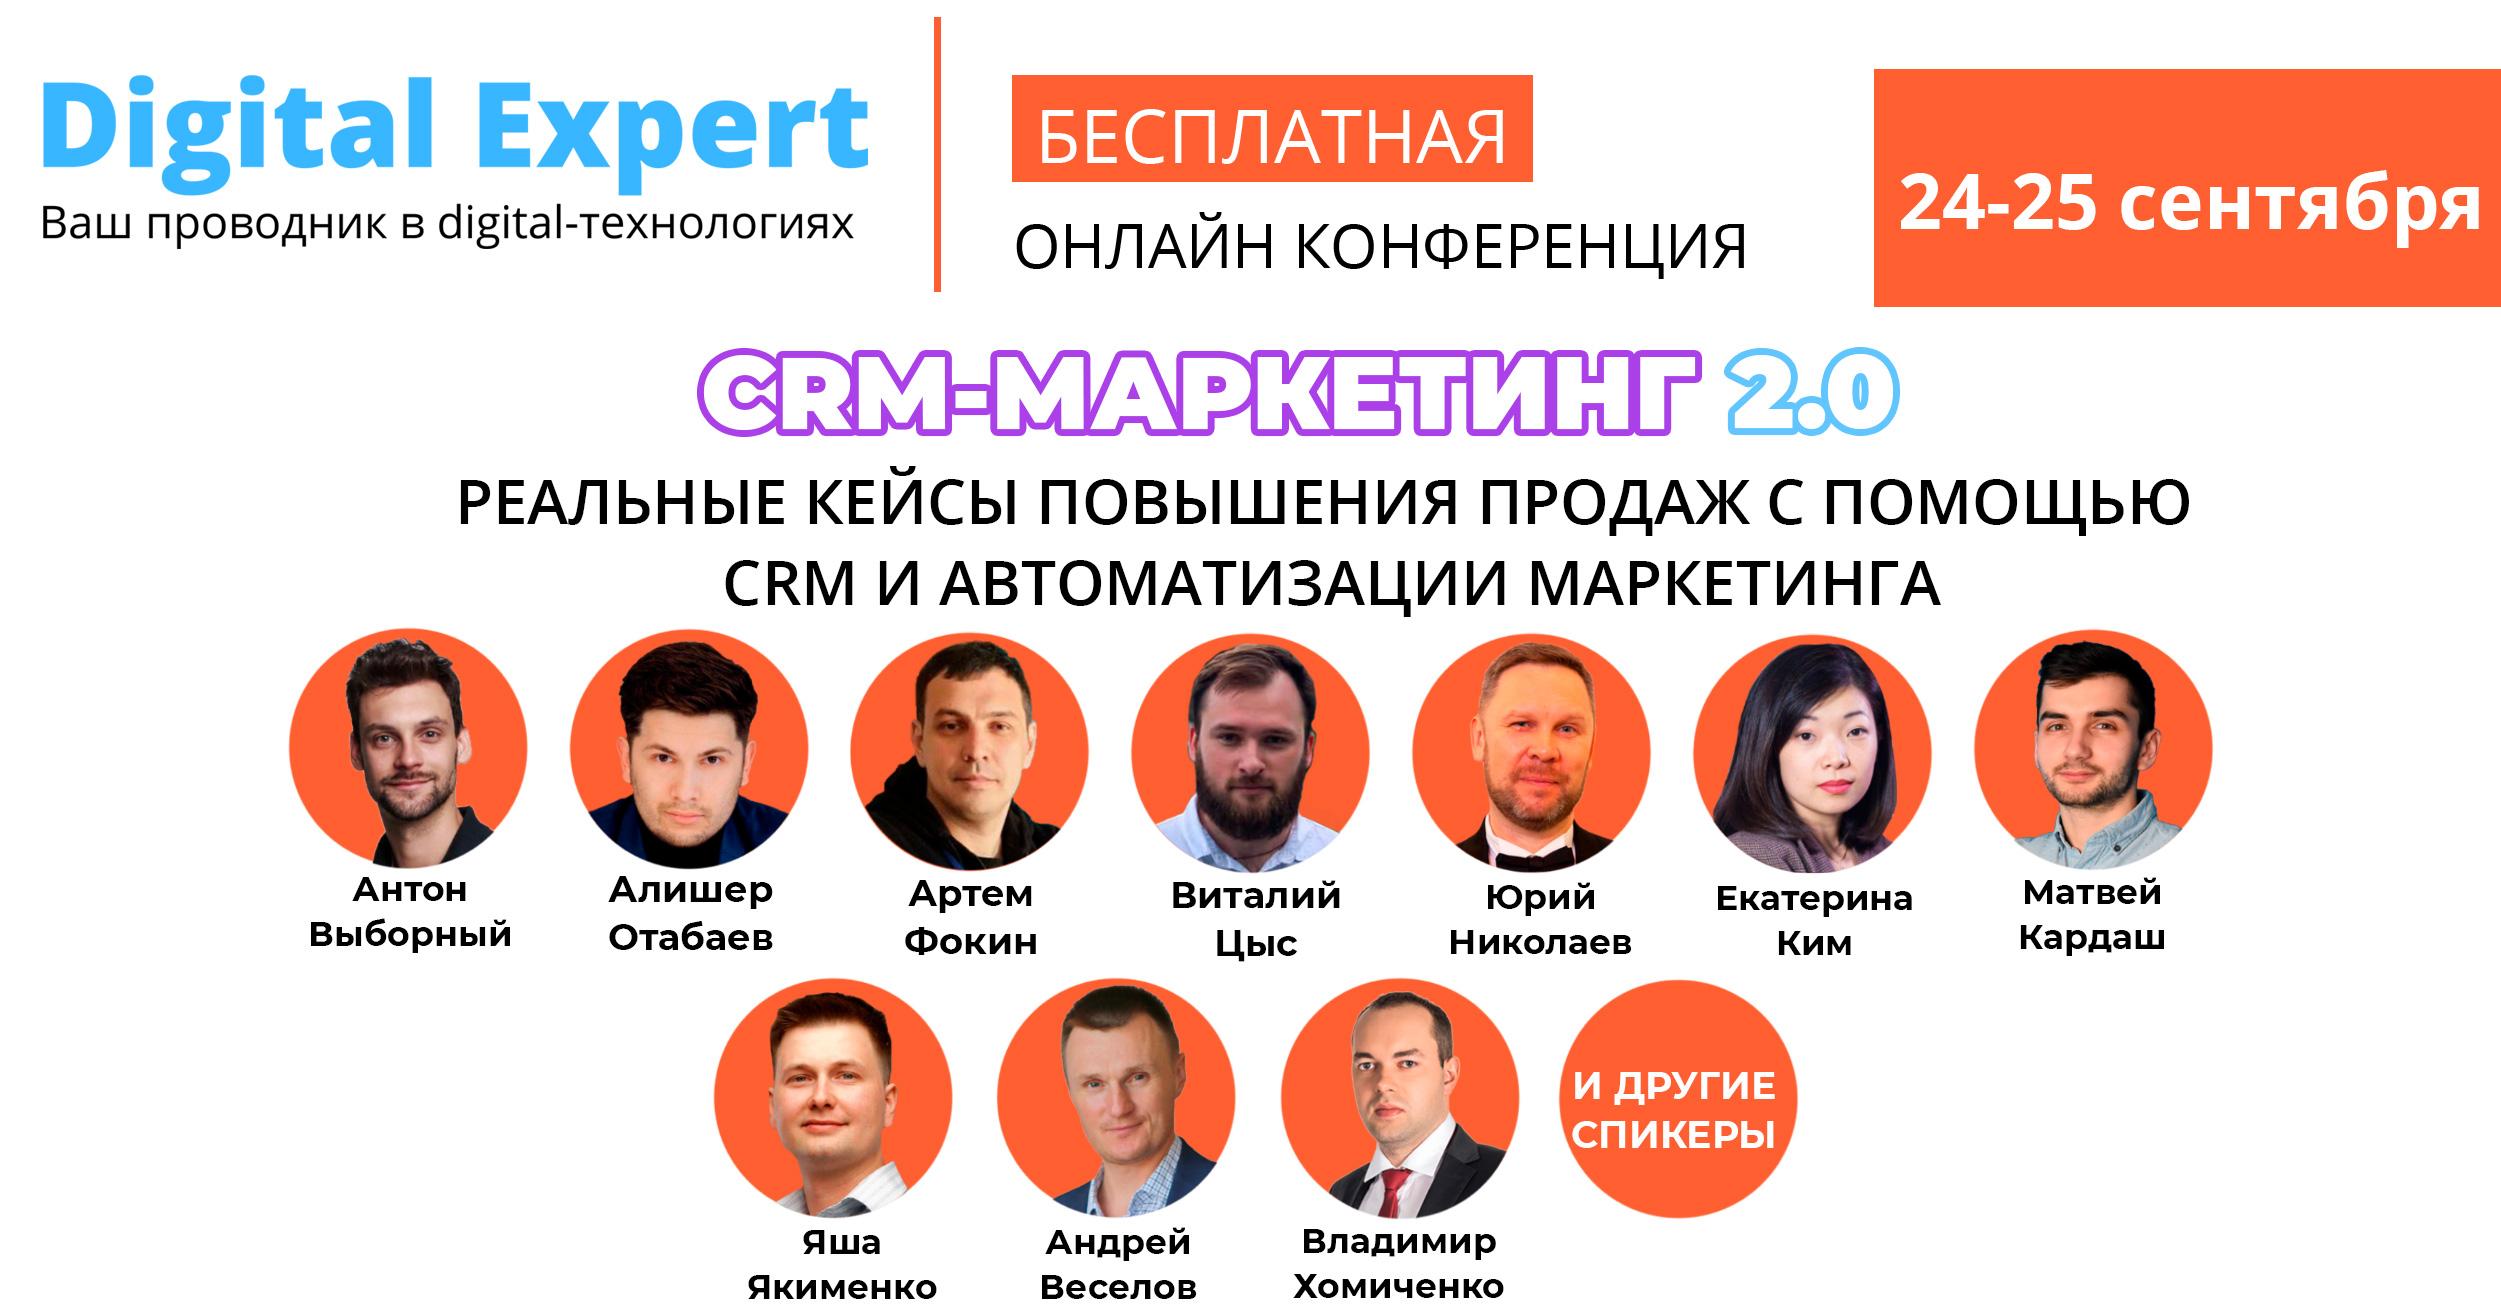 24 и 25 сентября пройдет онлайн-конференция «CRM-маркетинг 2.0»